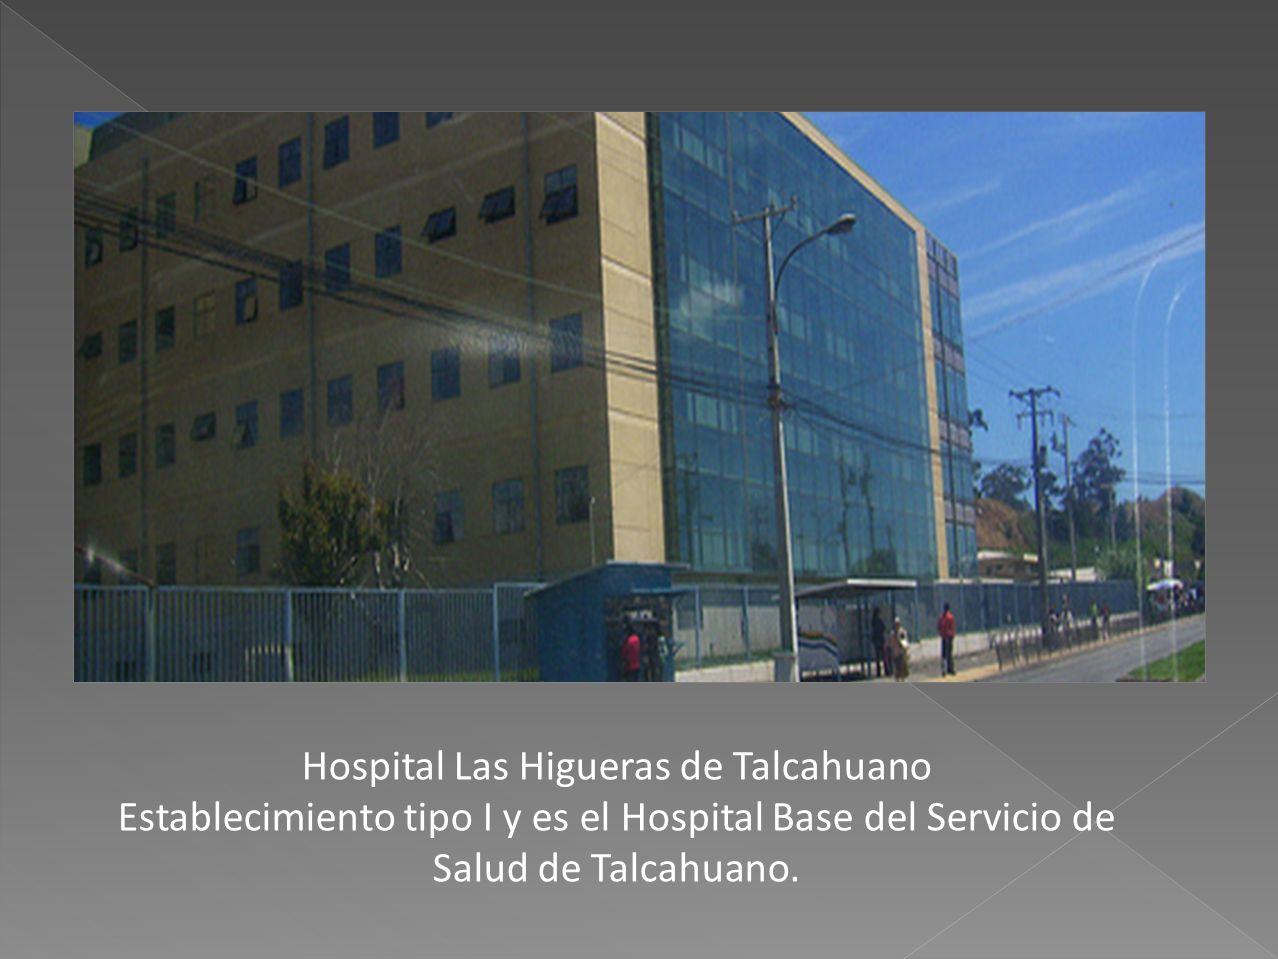 Hospital Las Higueras de Talcahuano Establecimiento tipo I y es el Hospital Base del Servicio de Salud de Talcahuano.